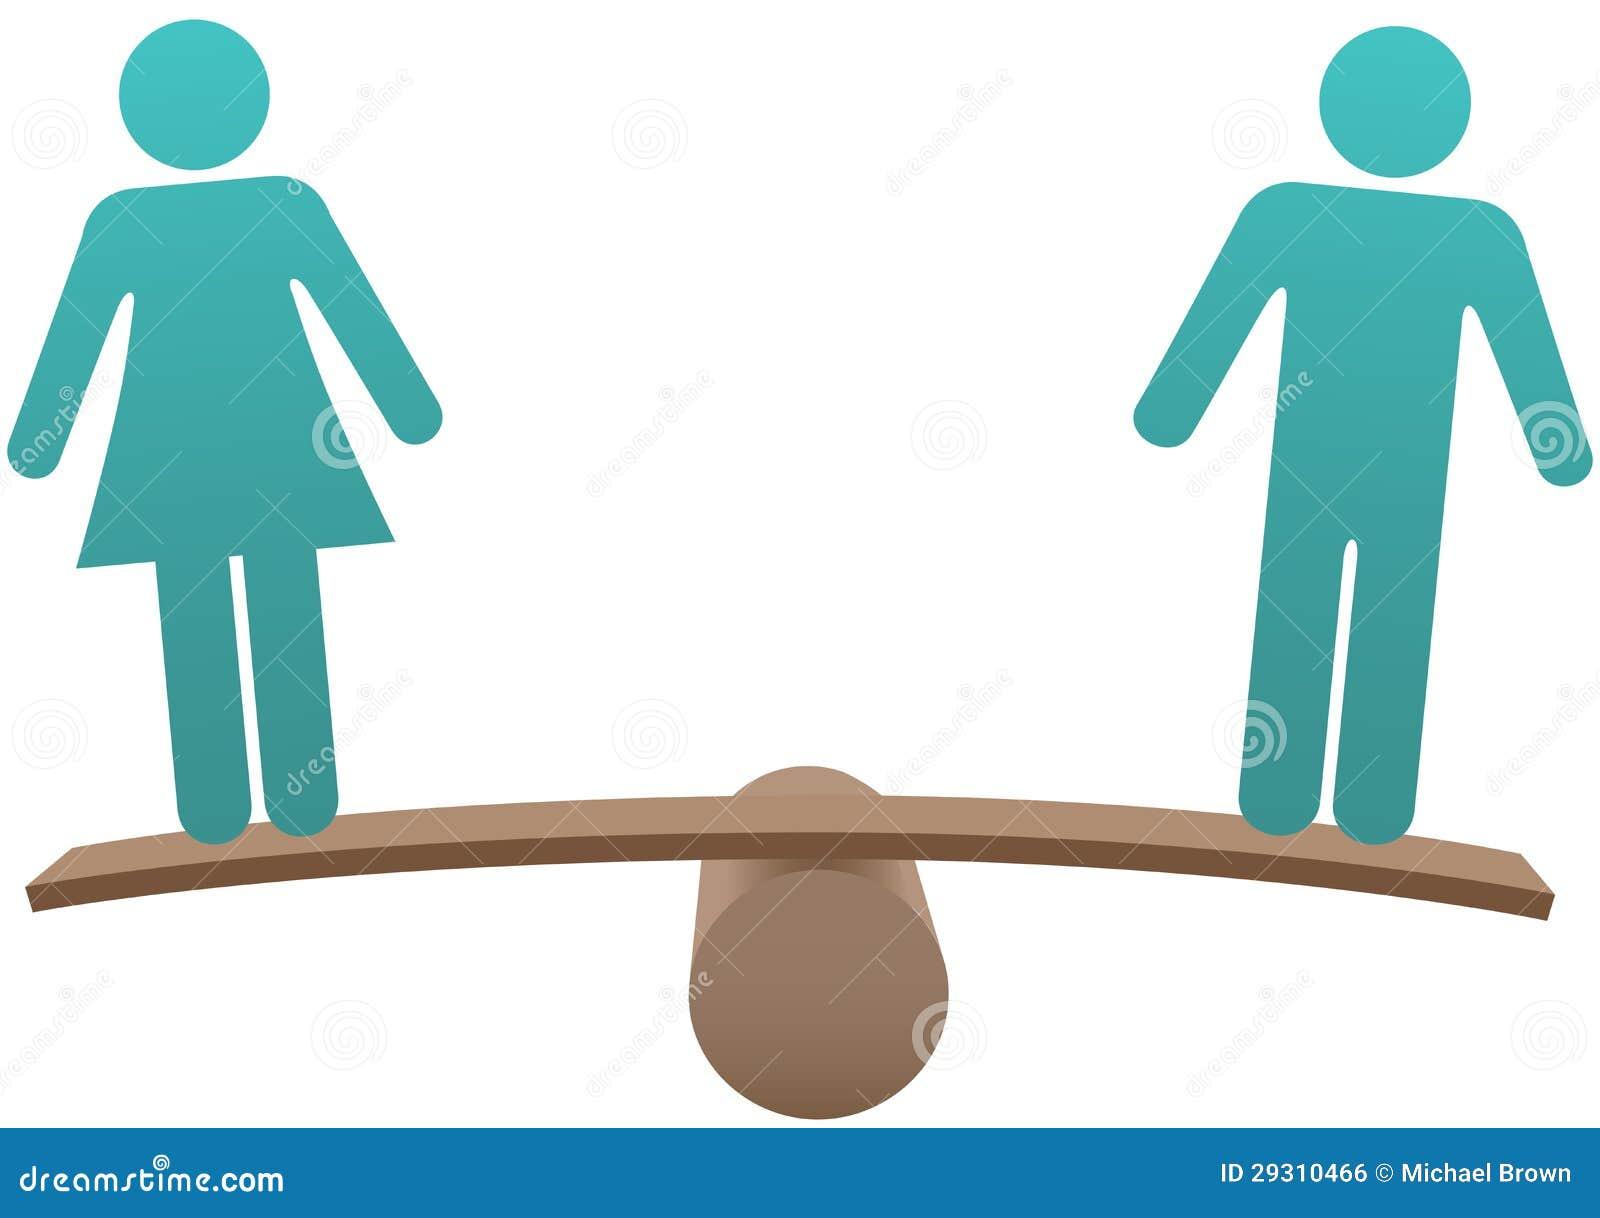 等于男女性别平等平衡